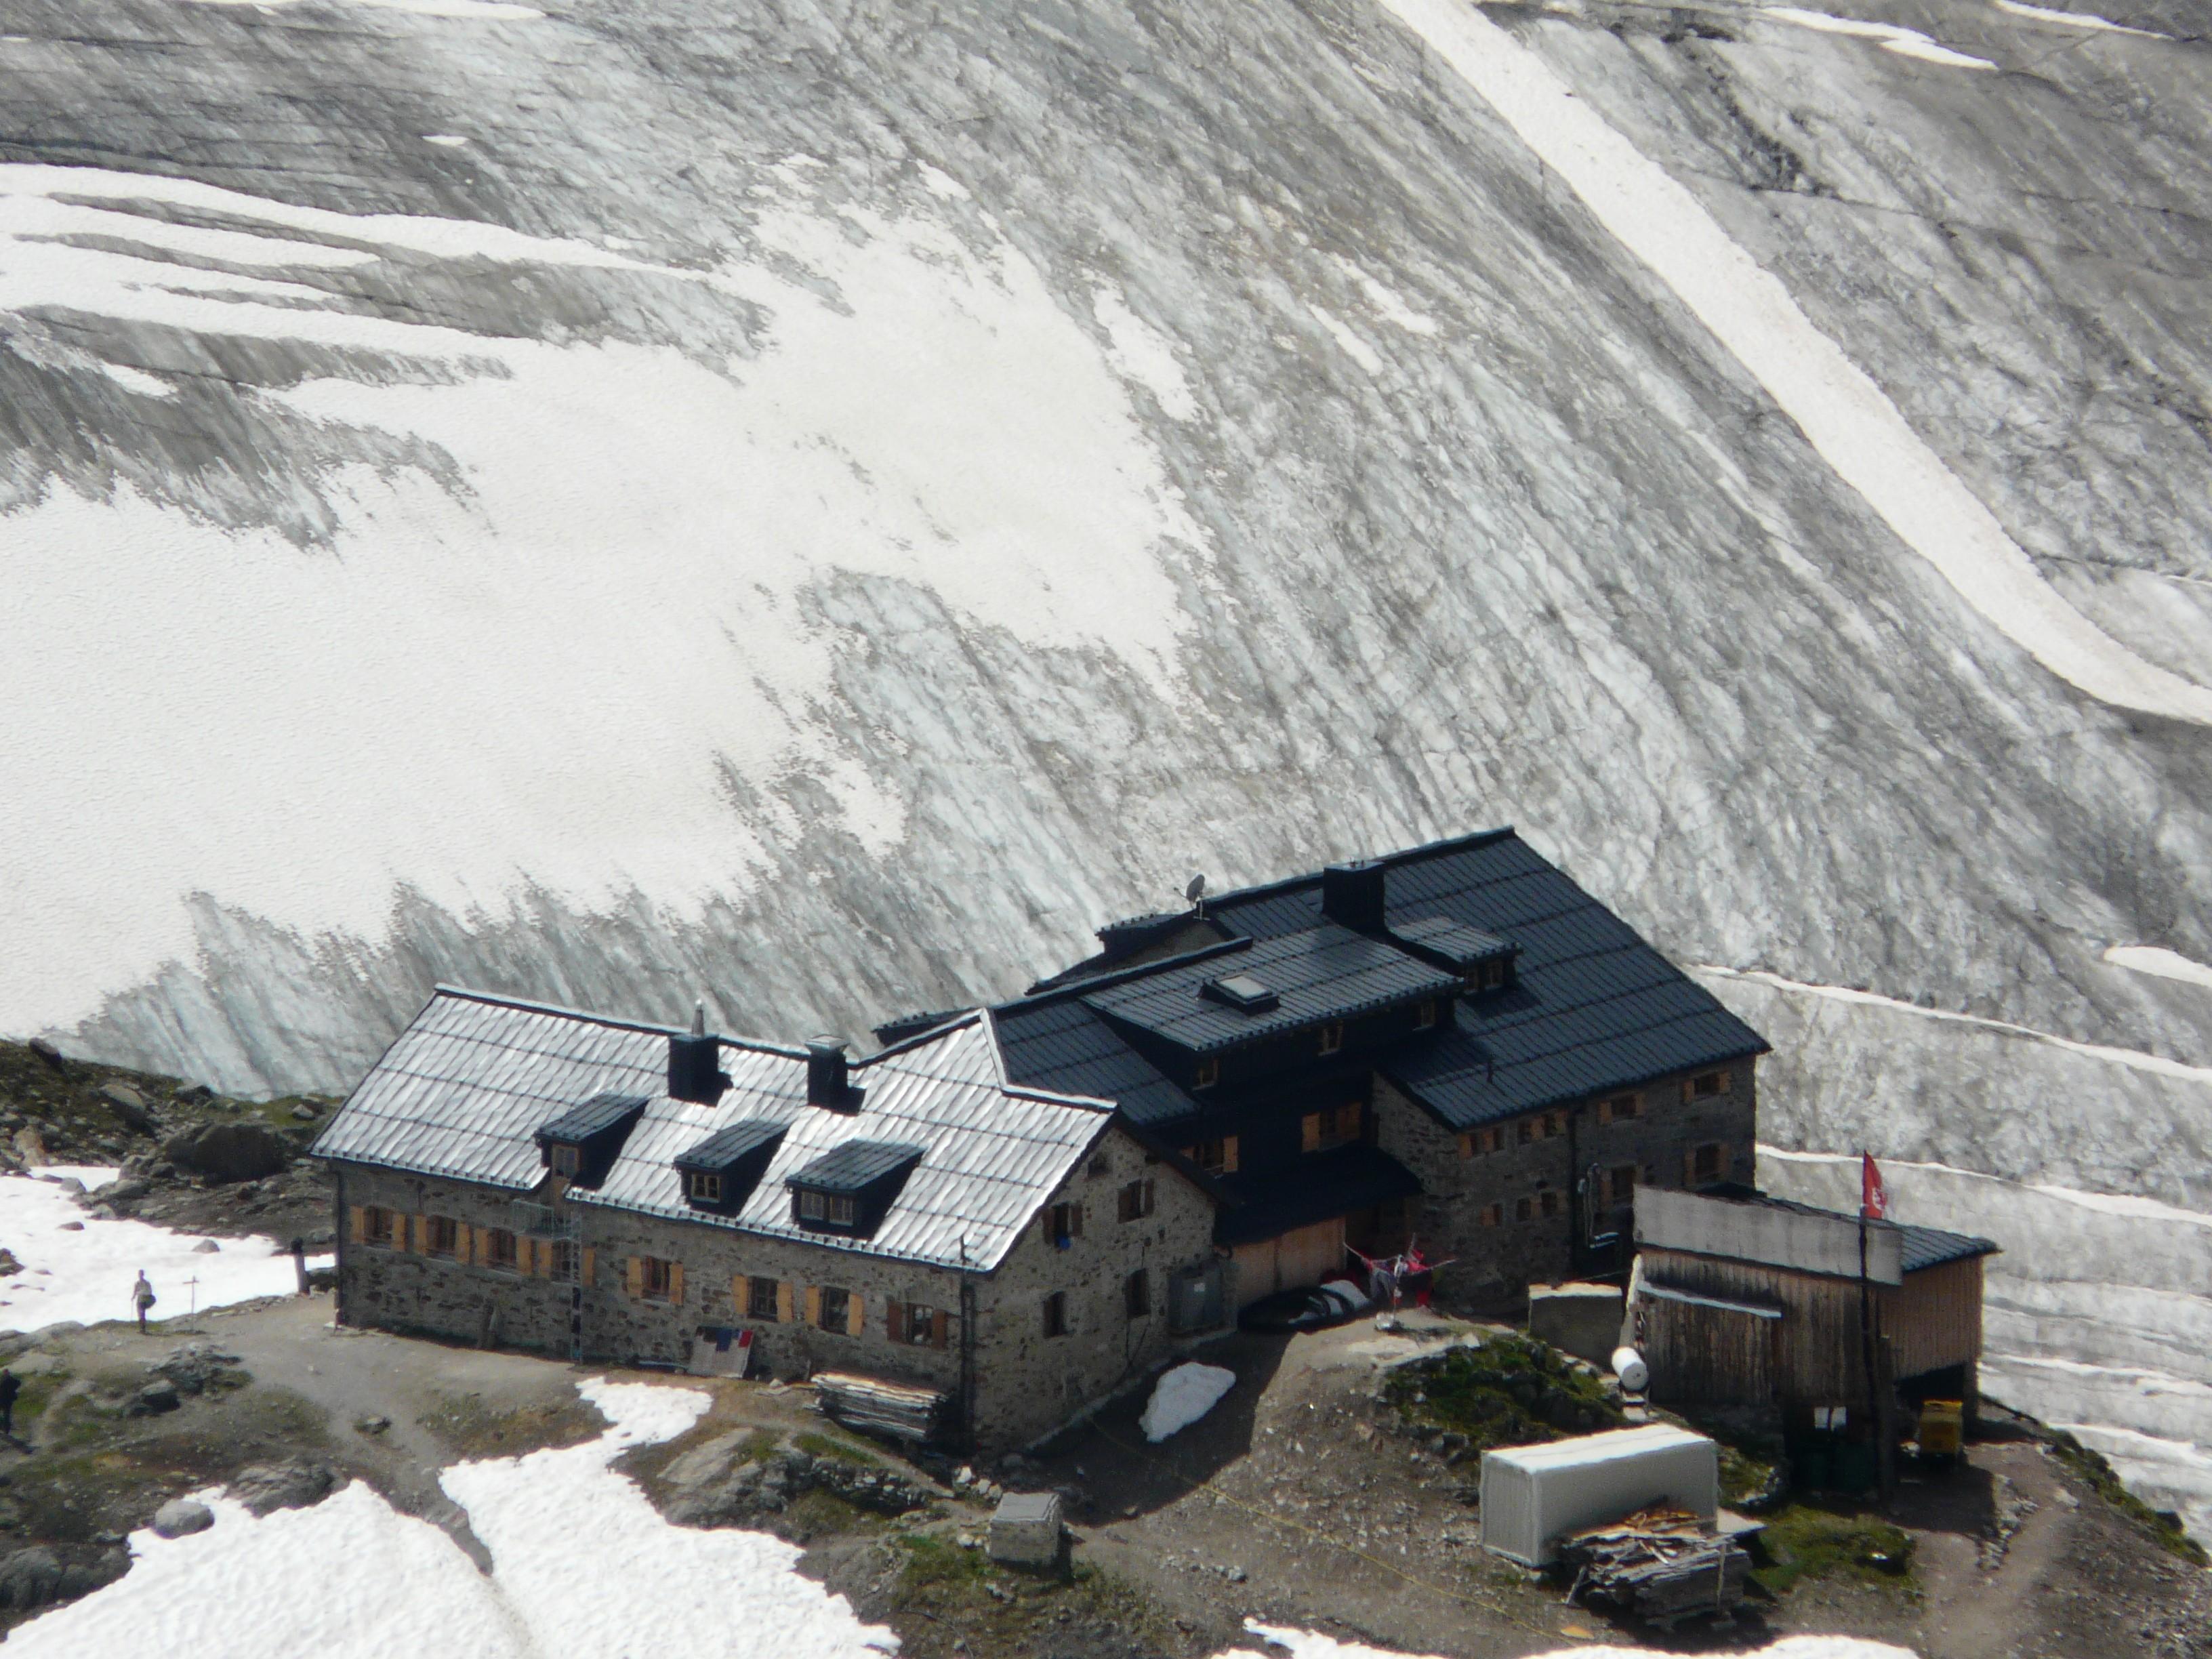 Braunschweiger Hütte und Mittelbergferner